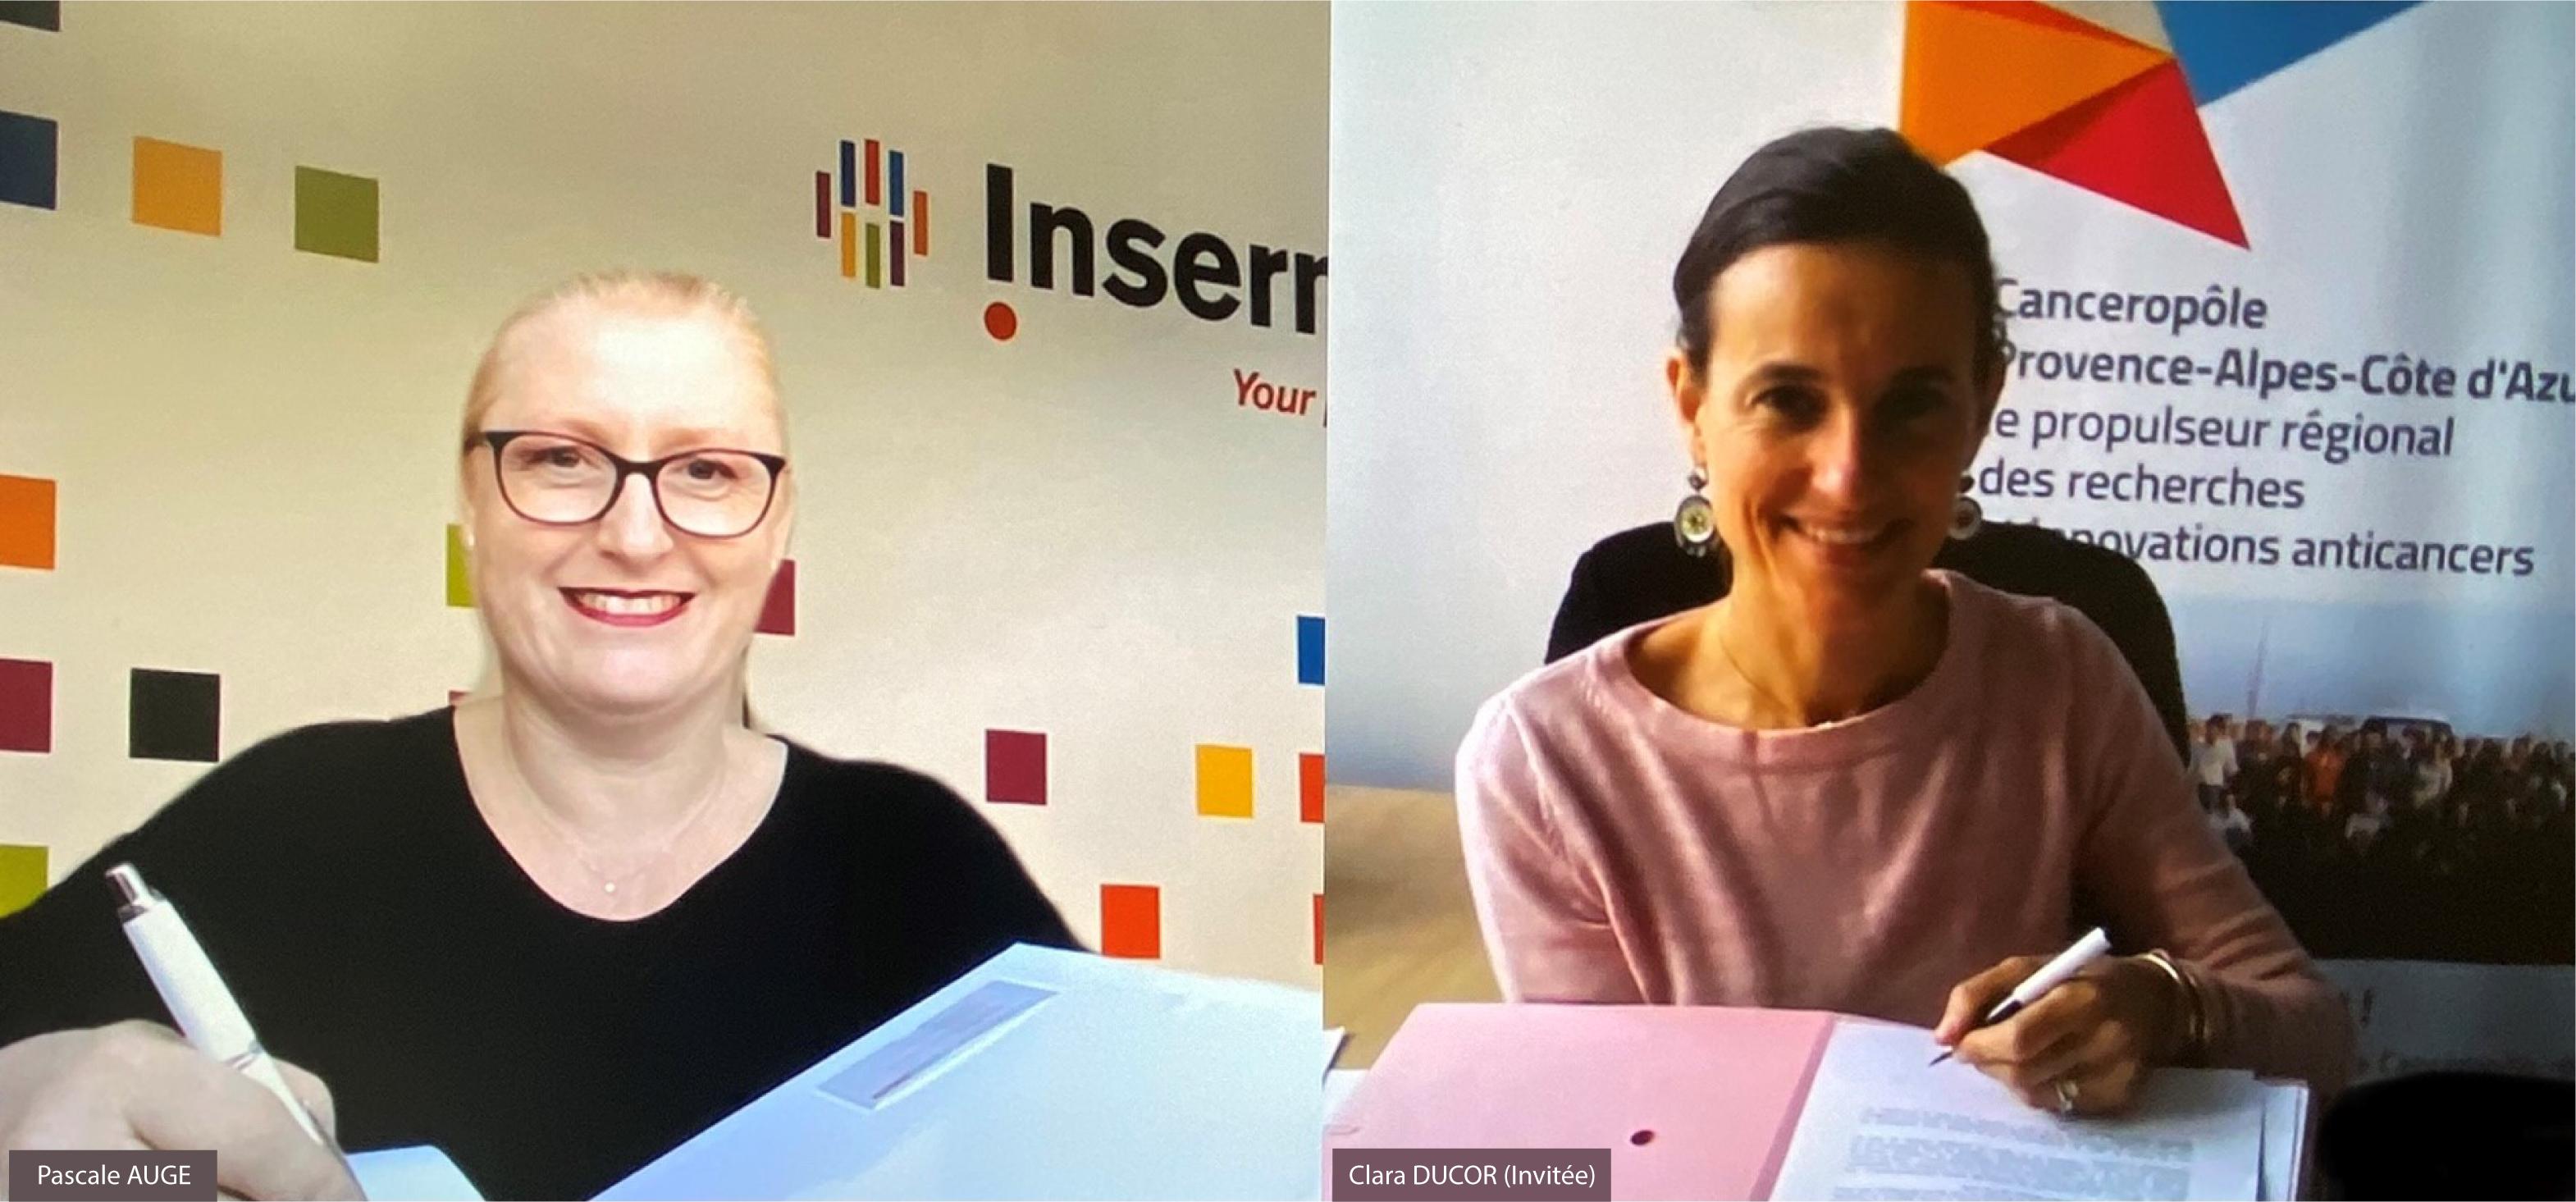 Le Canceropôle Provence-Alpes-Côte d'Azur et Inserm Transfert renforcent leur collaboration dans